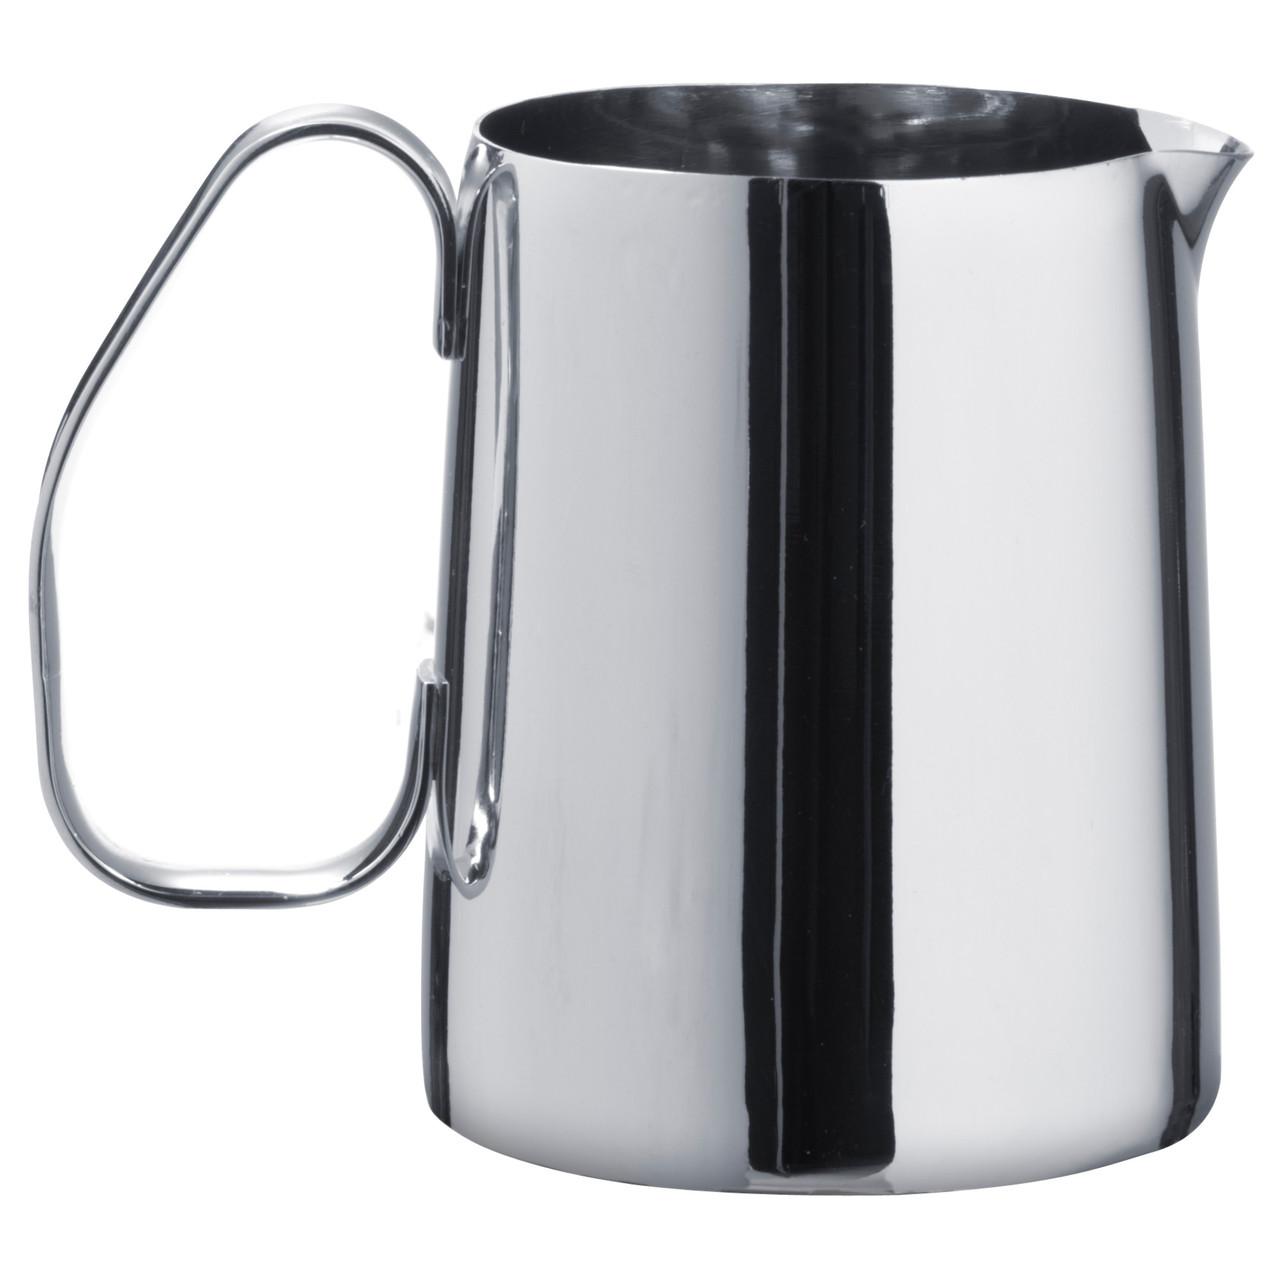 MÅTTLIG Кувшин для вспенивания молока, нержавеющ сталь 501.498.43